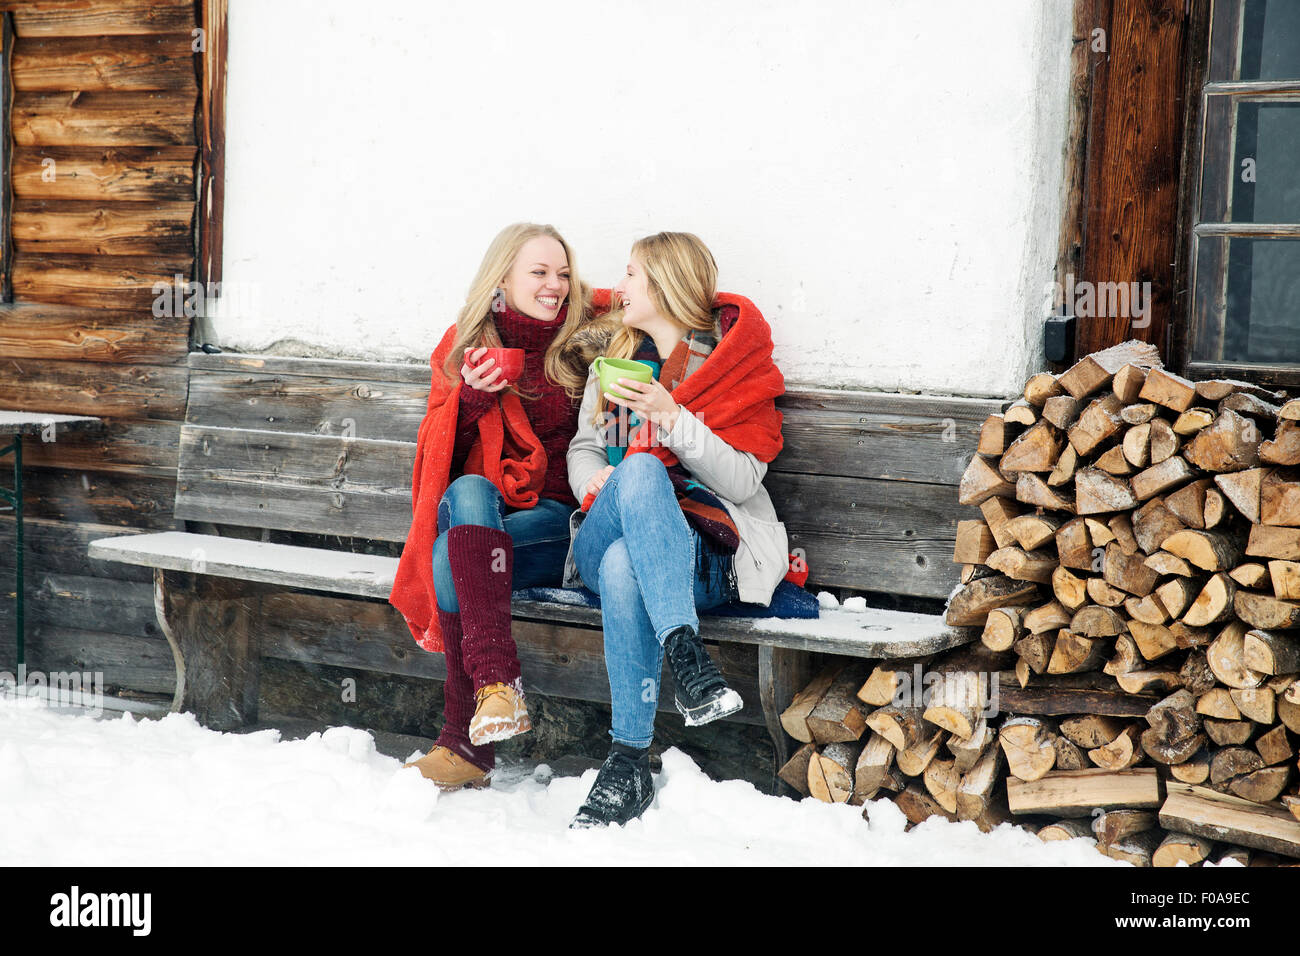 Dos amigas jóvenes bebiendo café fuera de cabaña de madera Imagen De Stock